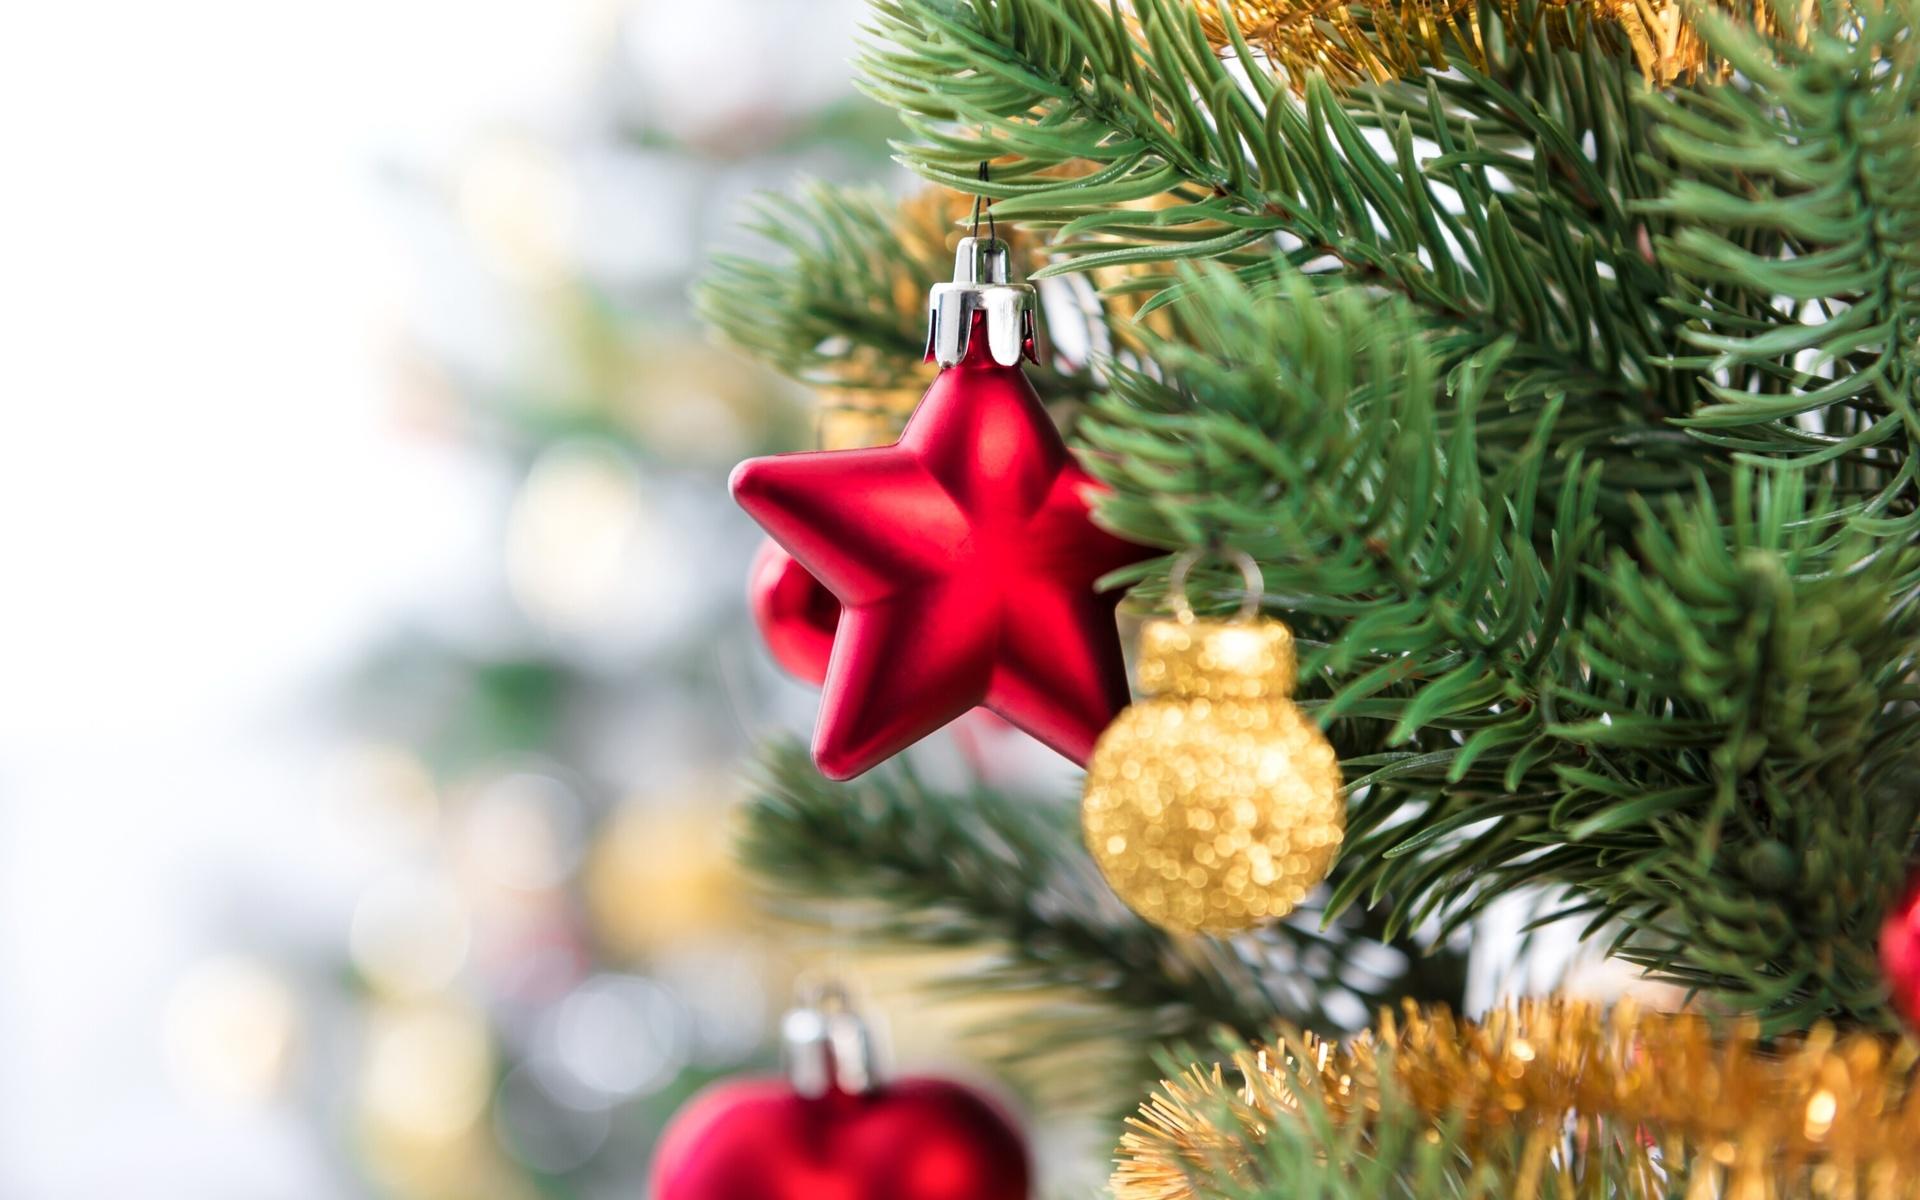 праздник, новый год, рождество, ёлка, ветки, хвоя, украшения, мишура, игрушки